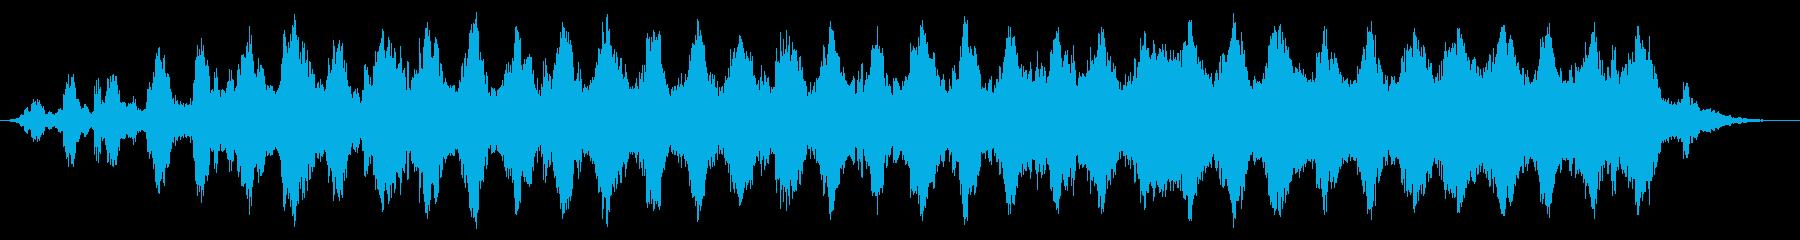 宇宙に浮遊しているような音楽の再生済みの波形